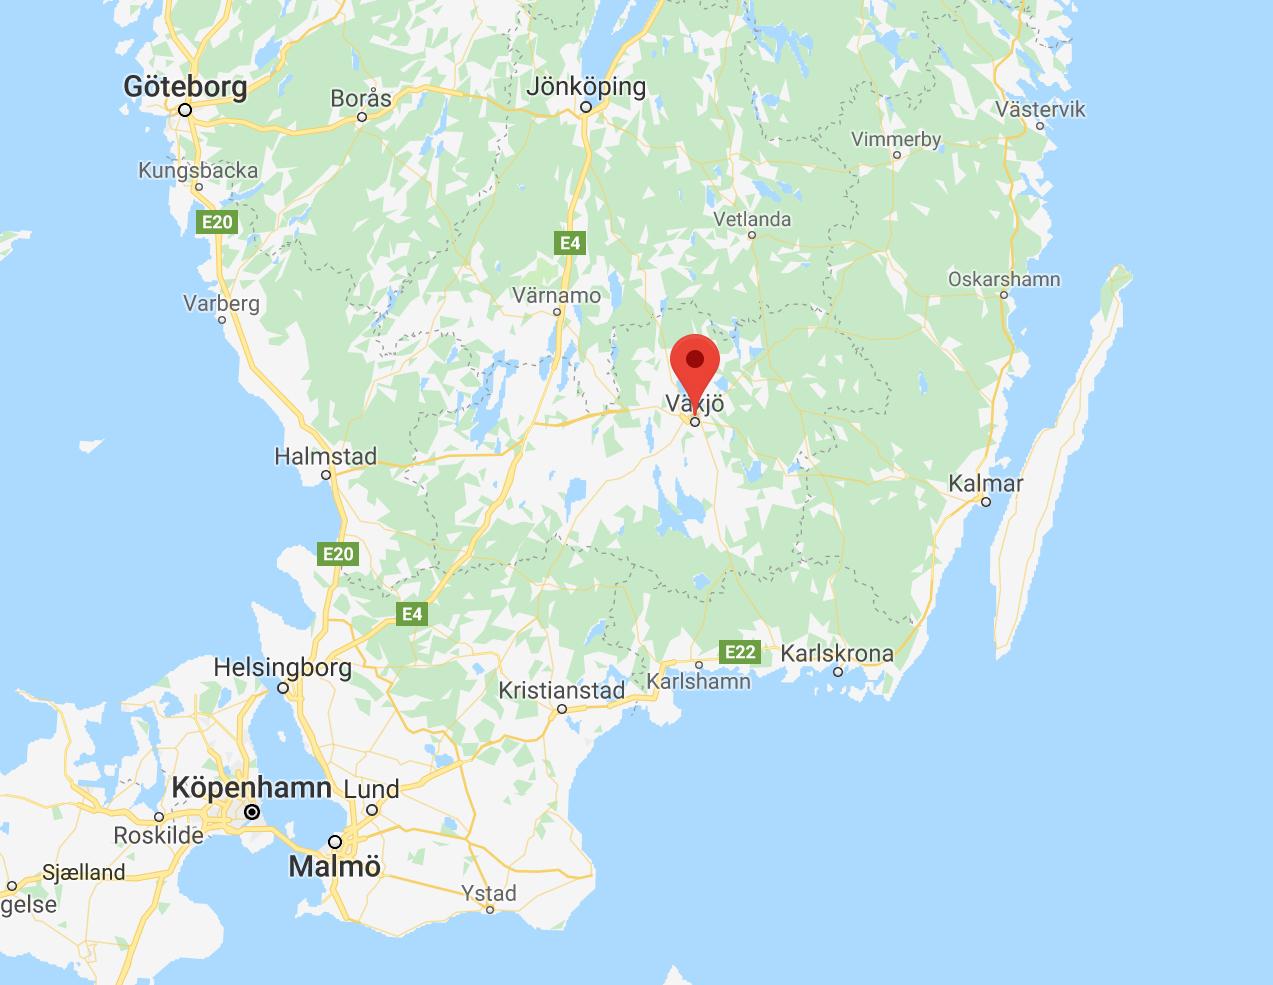 Sverigekarta med Växjö utmarkerat.